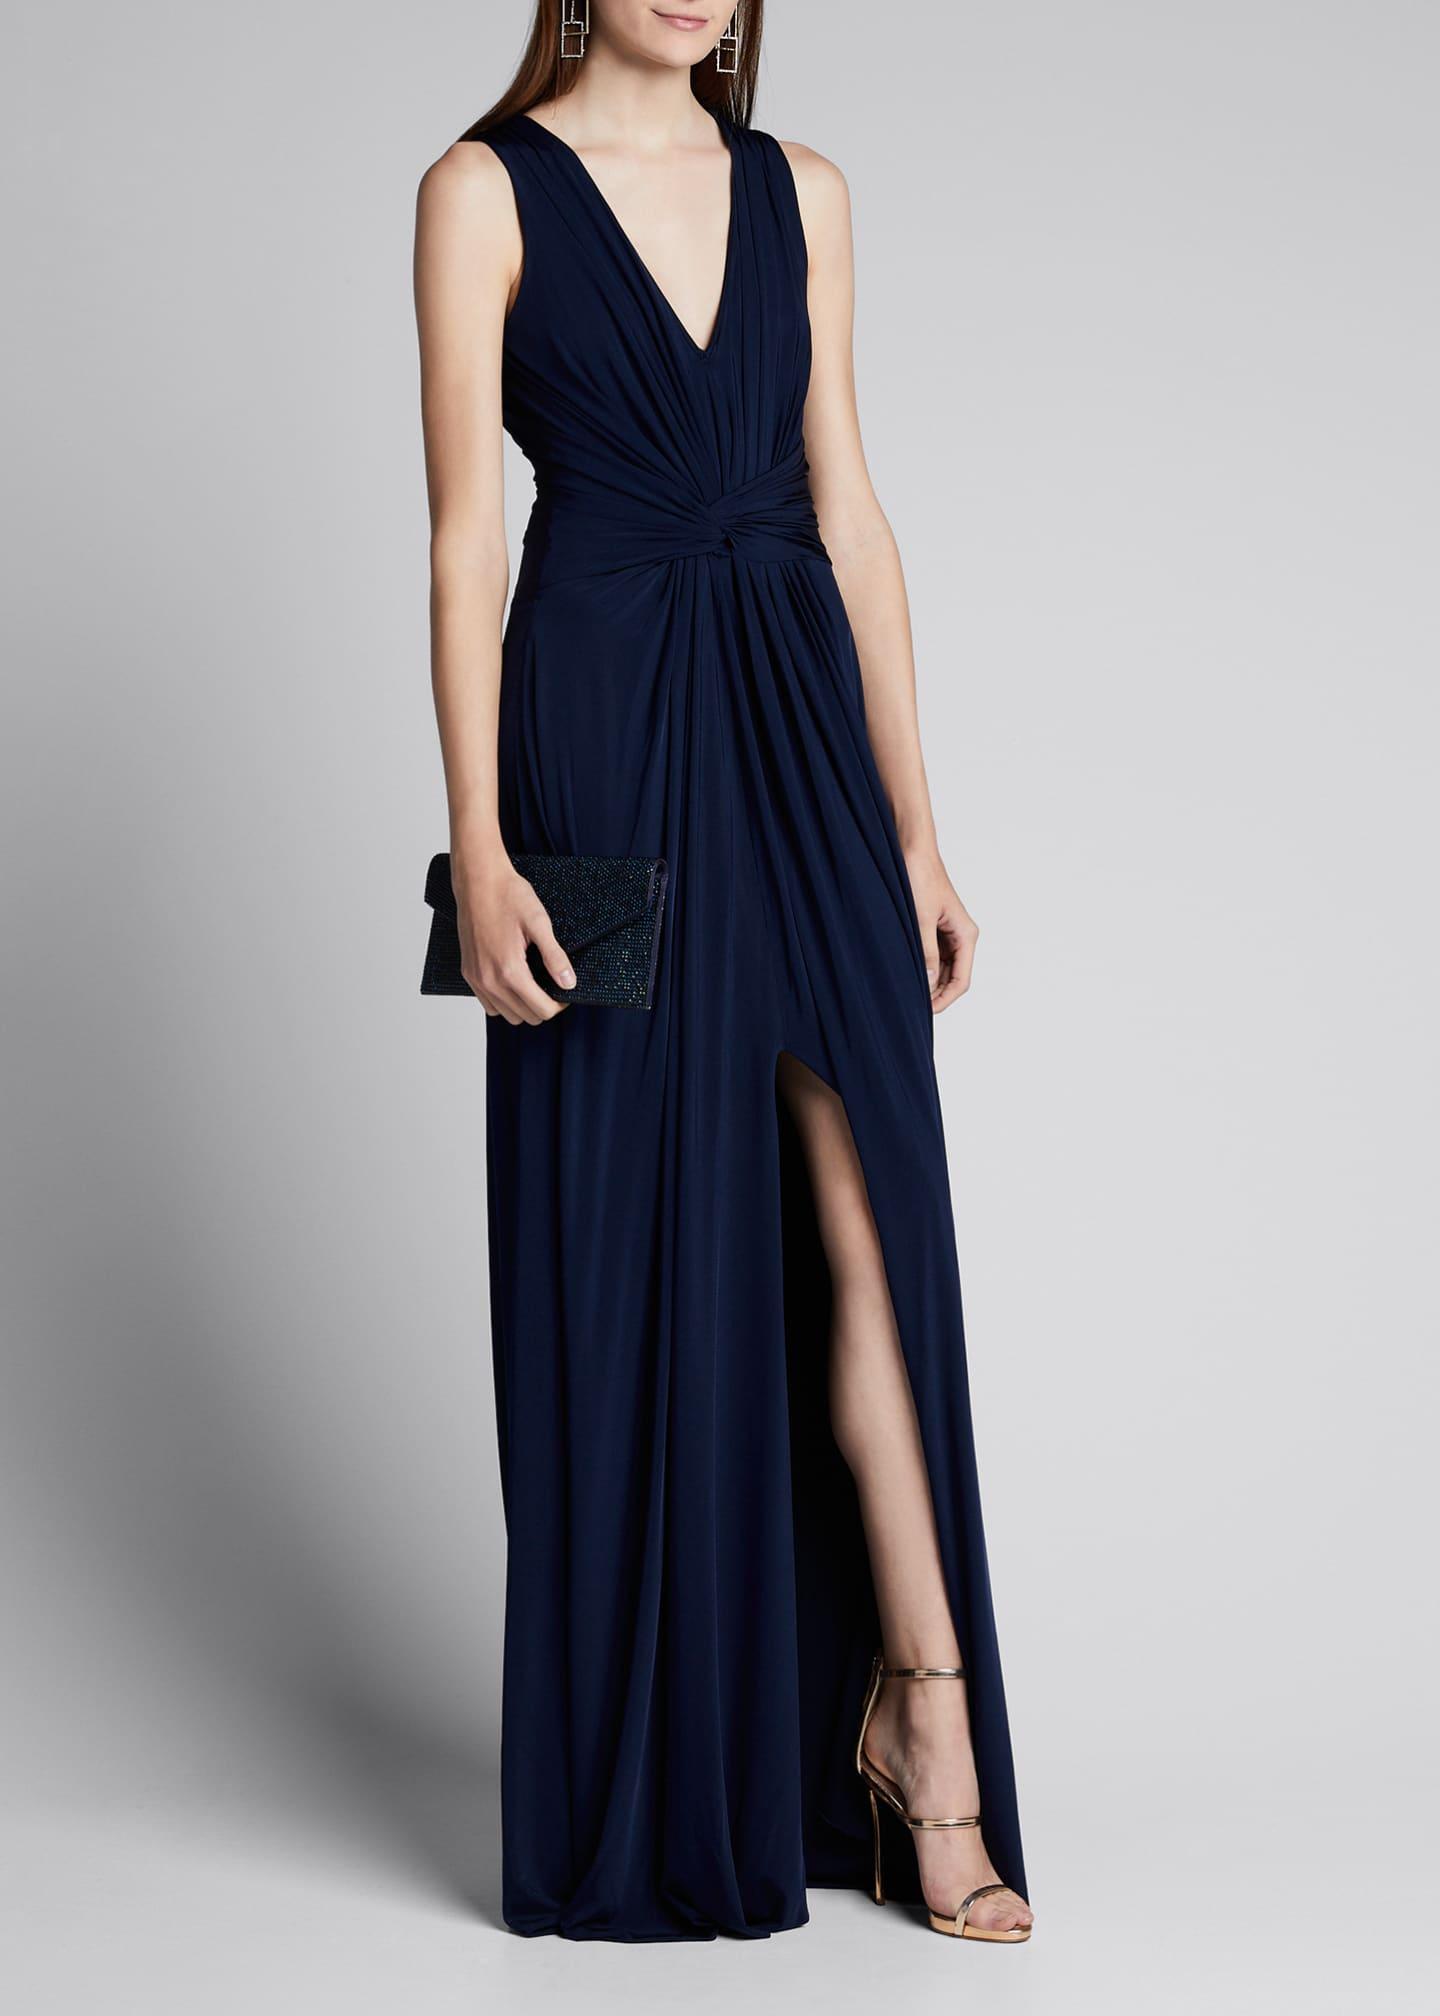 Jason Wu Collection Fluid Evening Jersey Dress w/